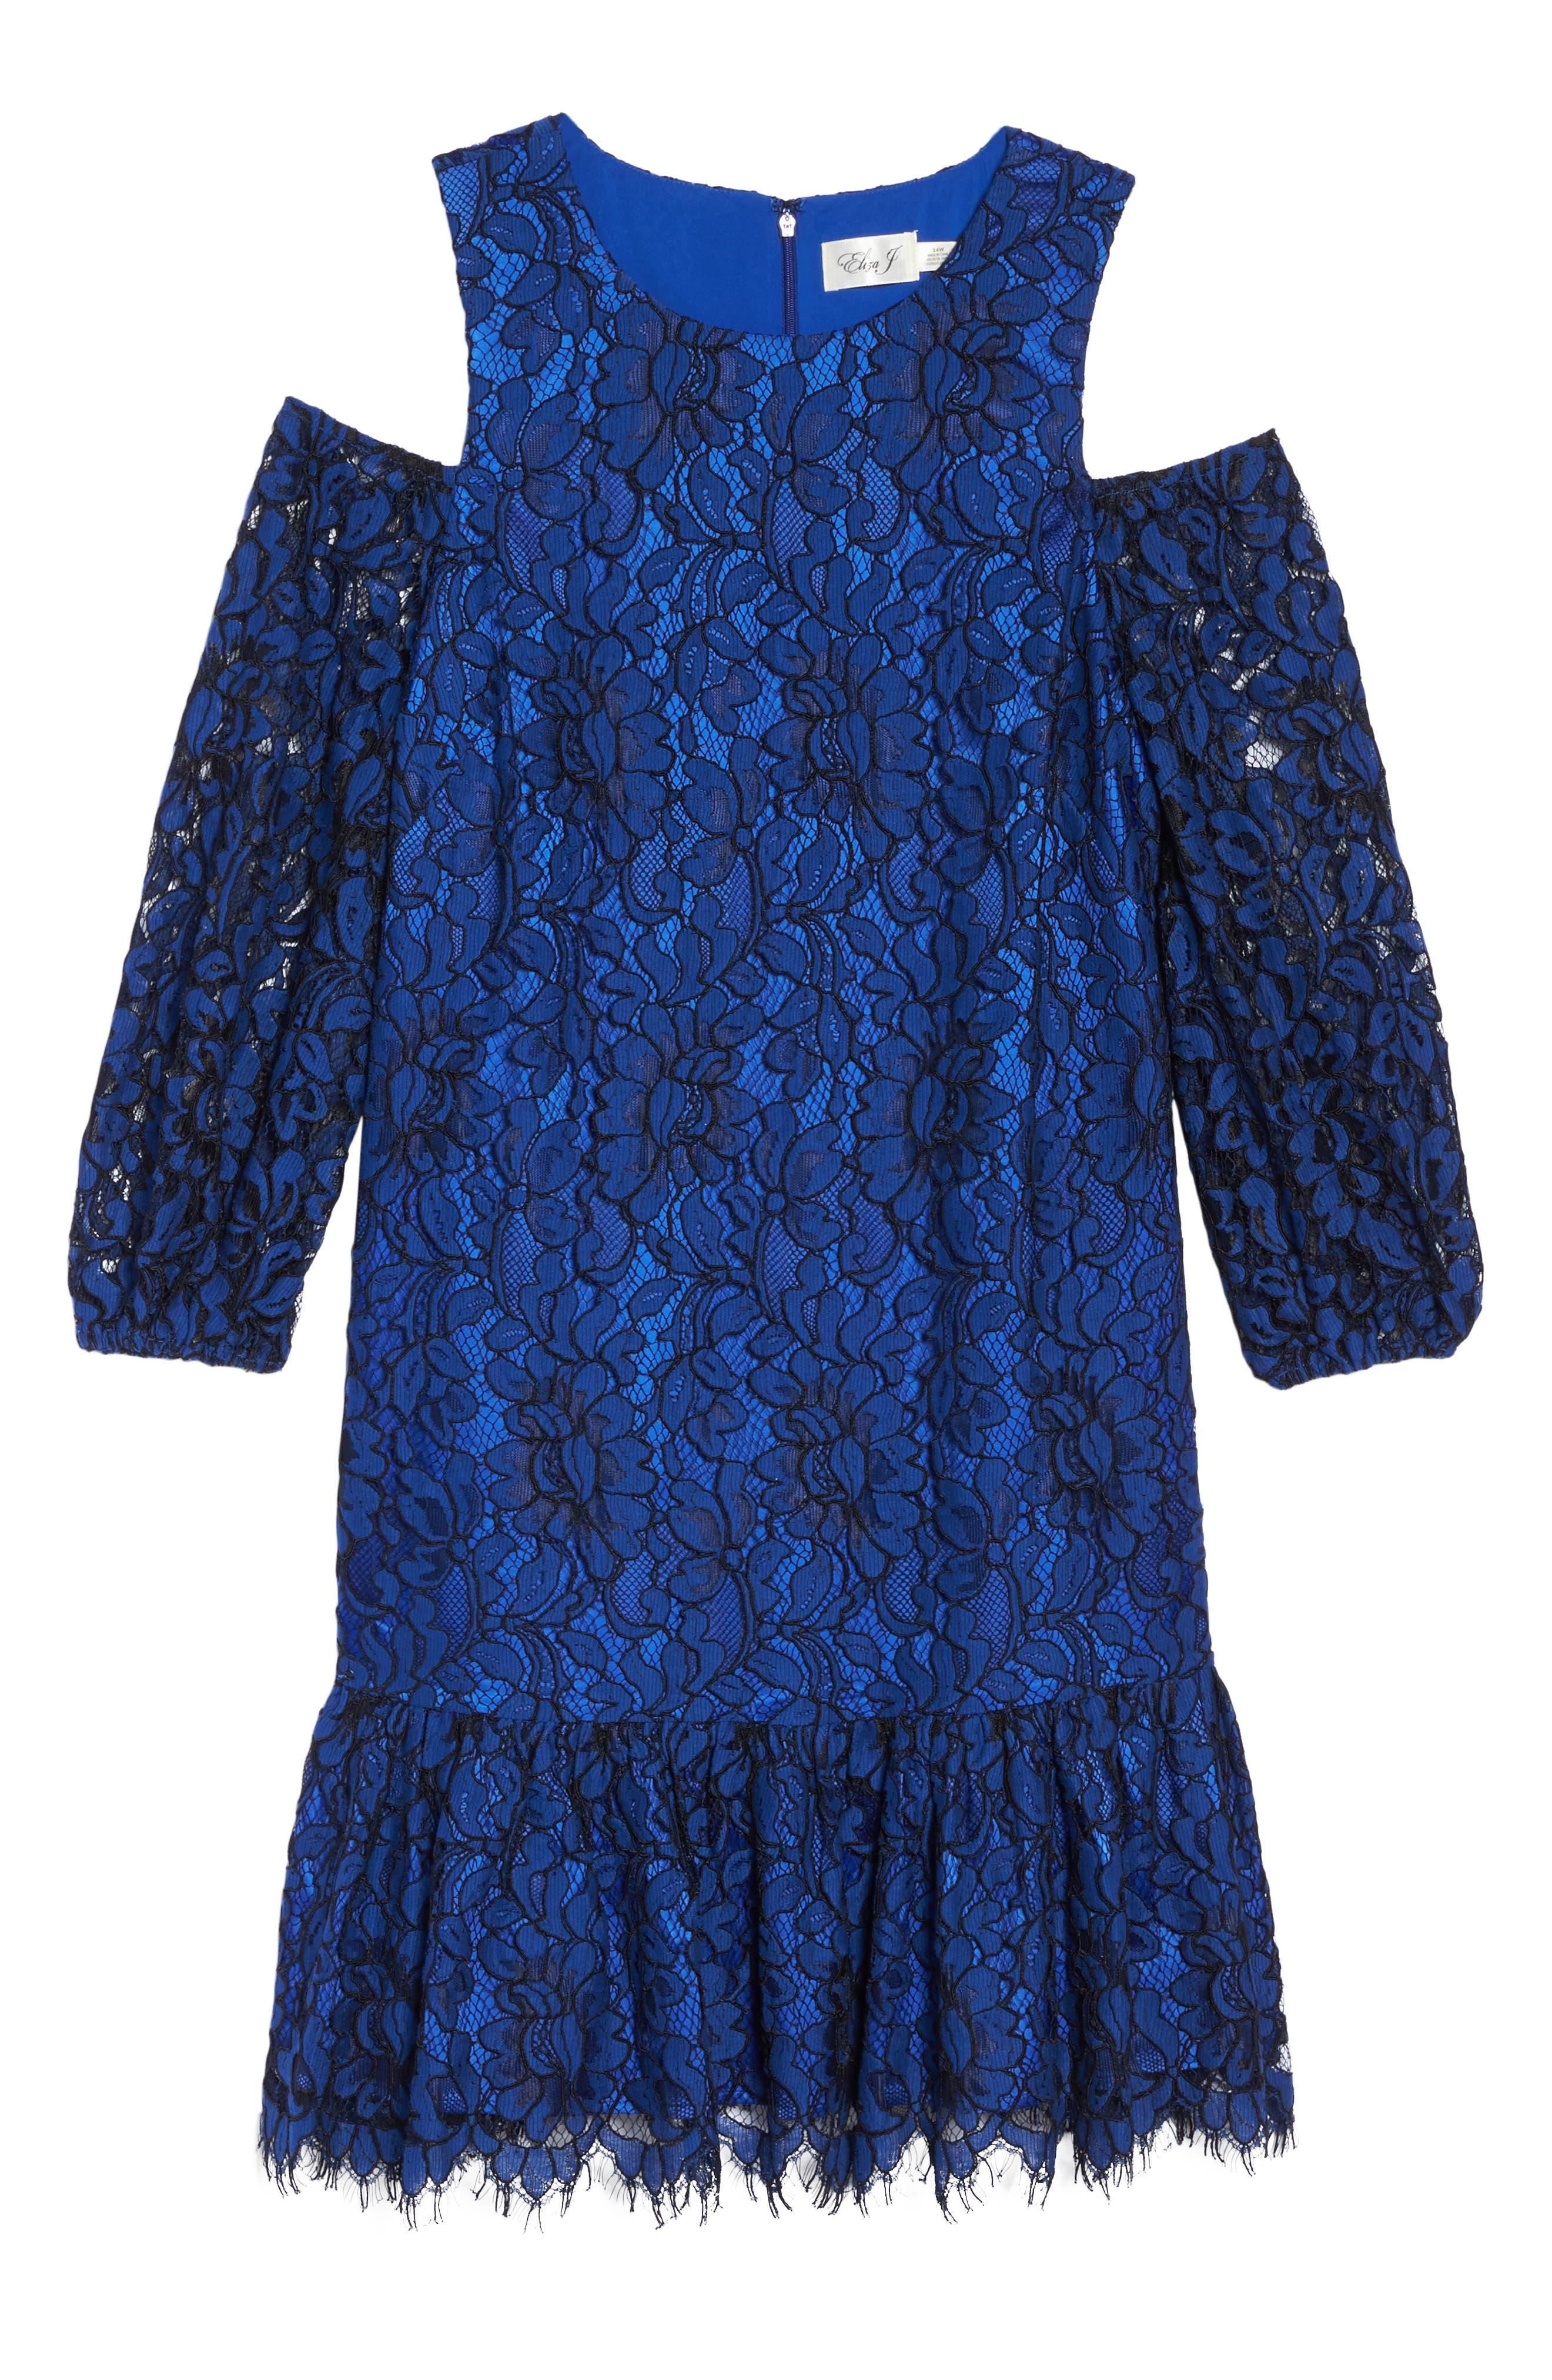 Lace Cold Shoulder Dress,                             Alternate thumbnail 6, color,                             430